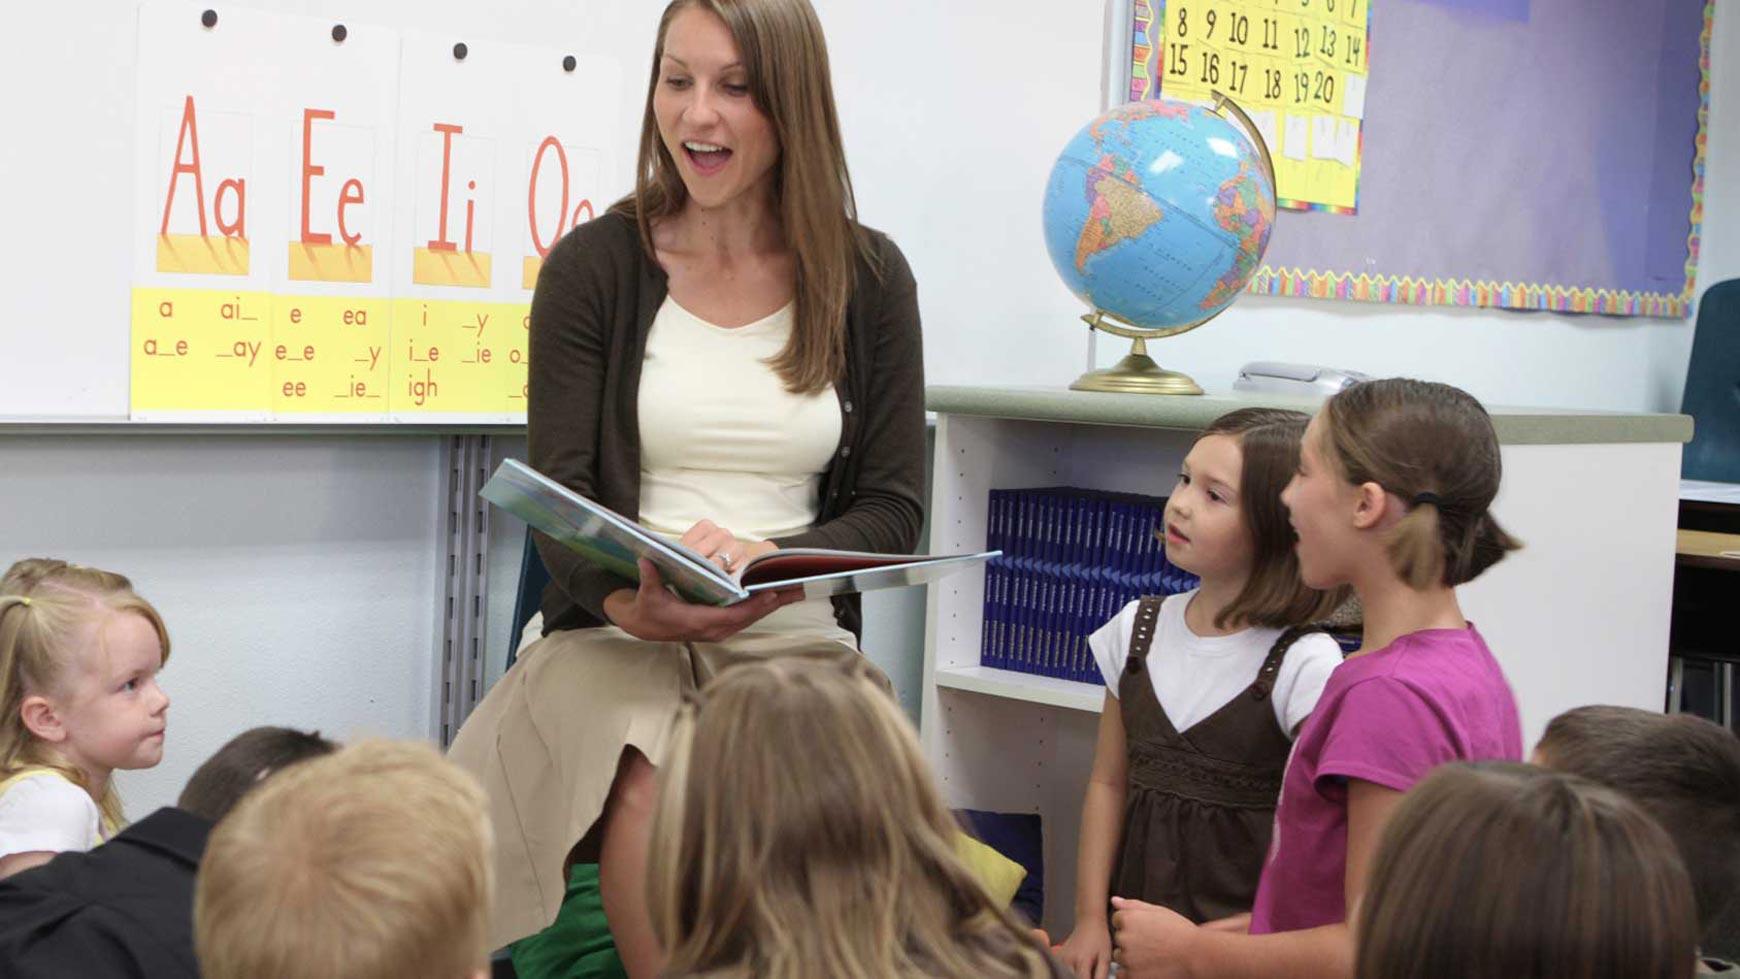 cung cấp giáo viên bản ngữ cho trường học 80